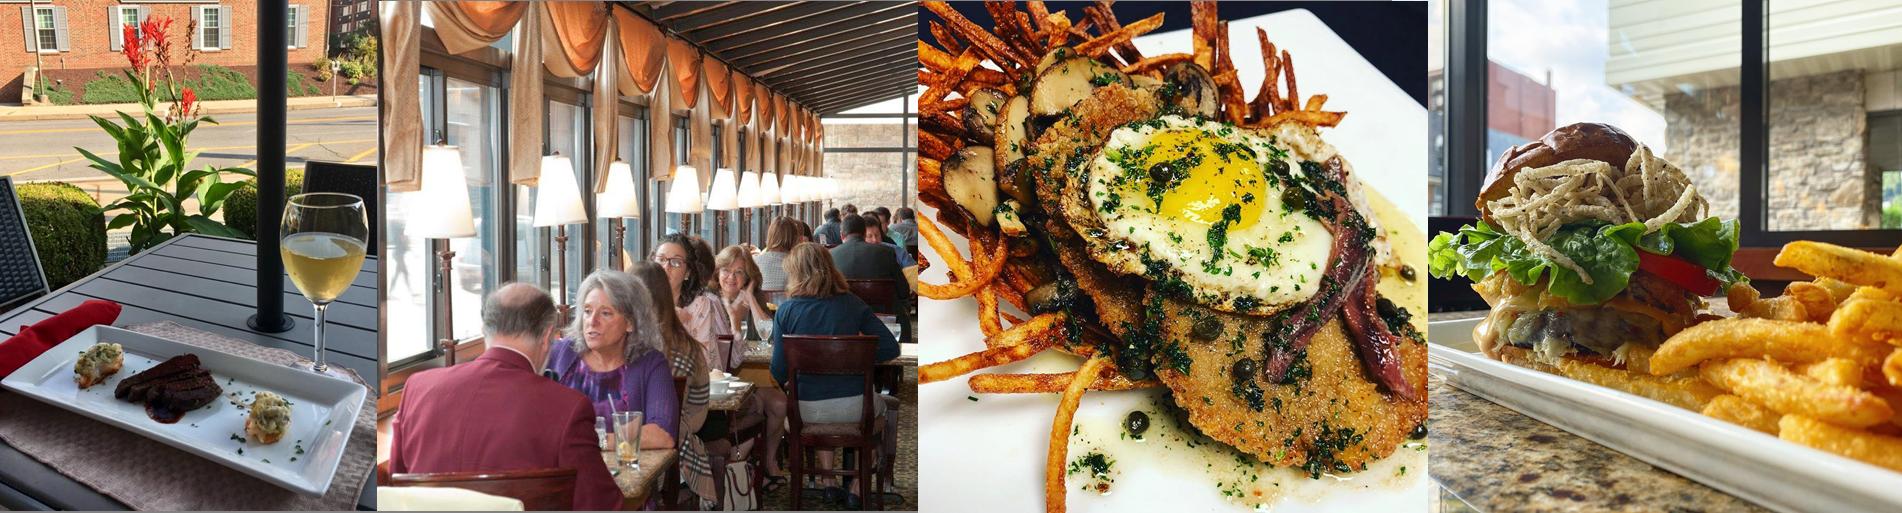 Visit Johnstown Pa | Harrigan's Cafe & Wine Deck